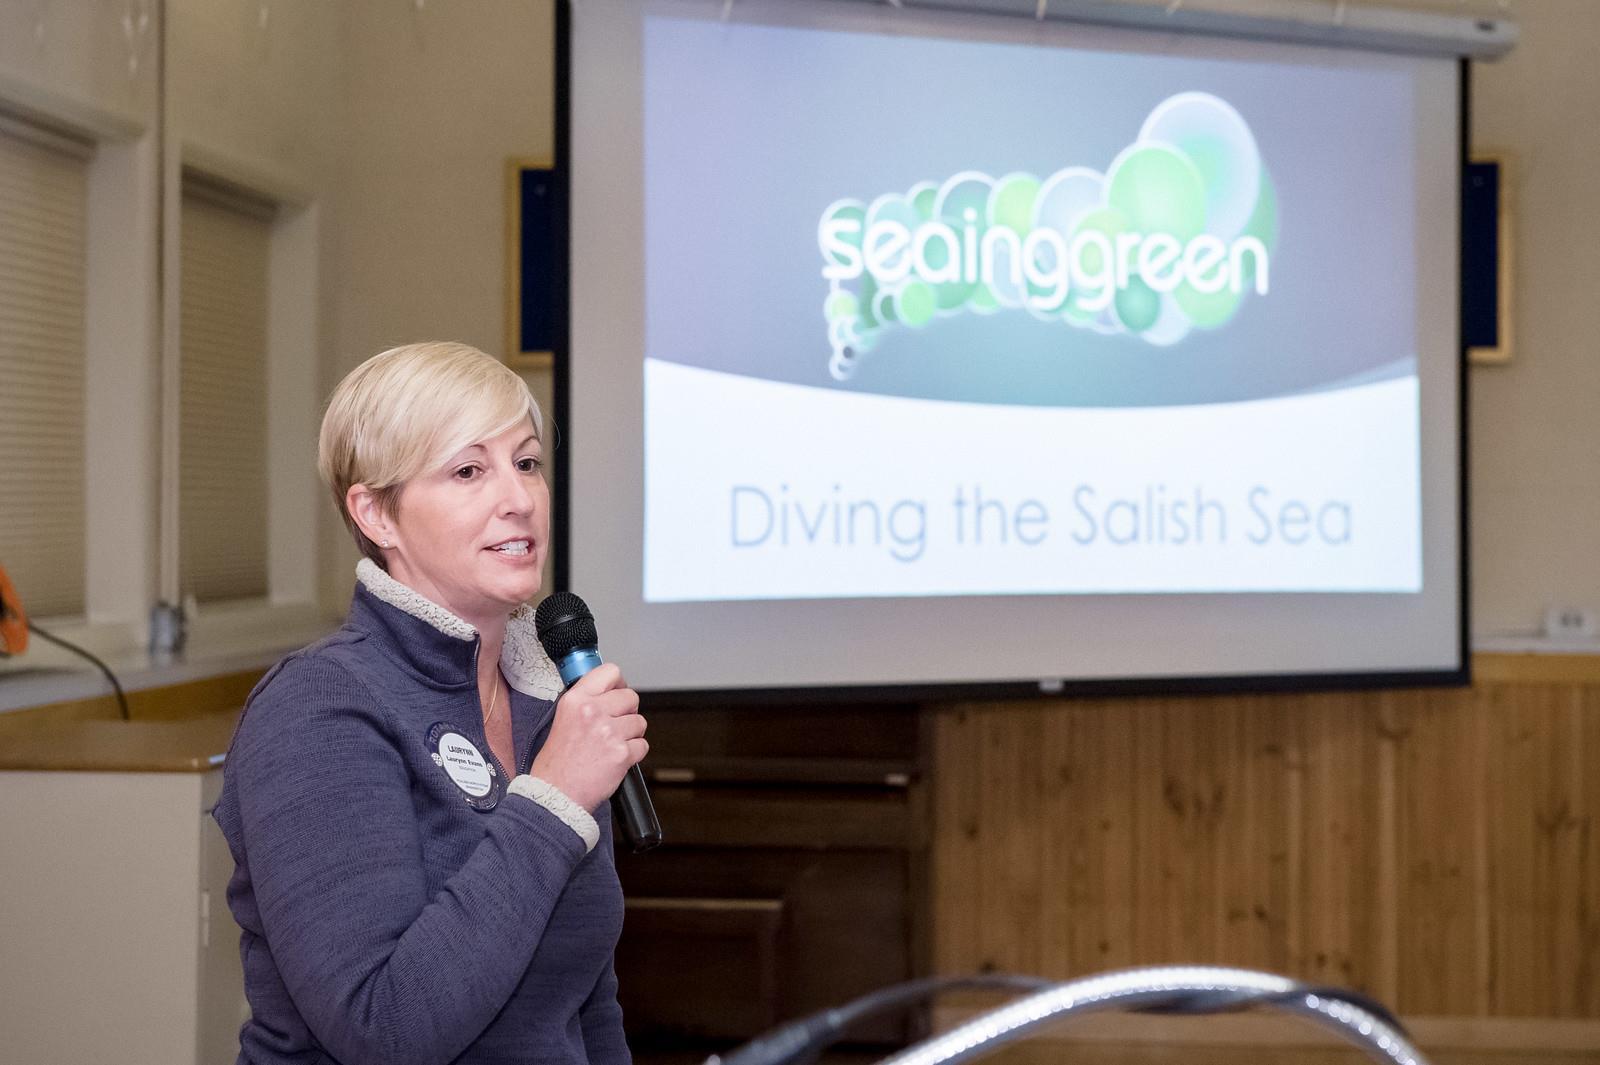 Presentation by Laurynn Evans